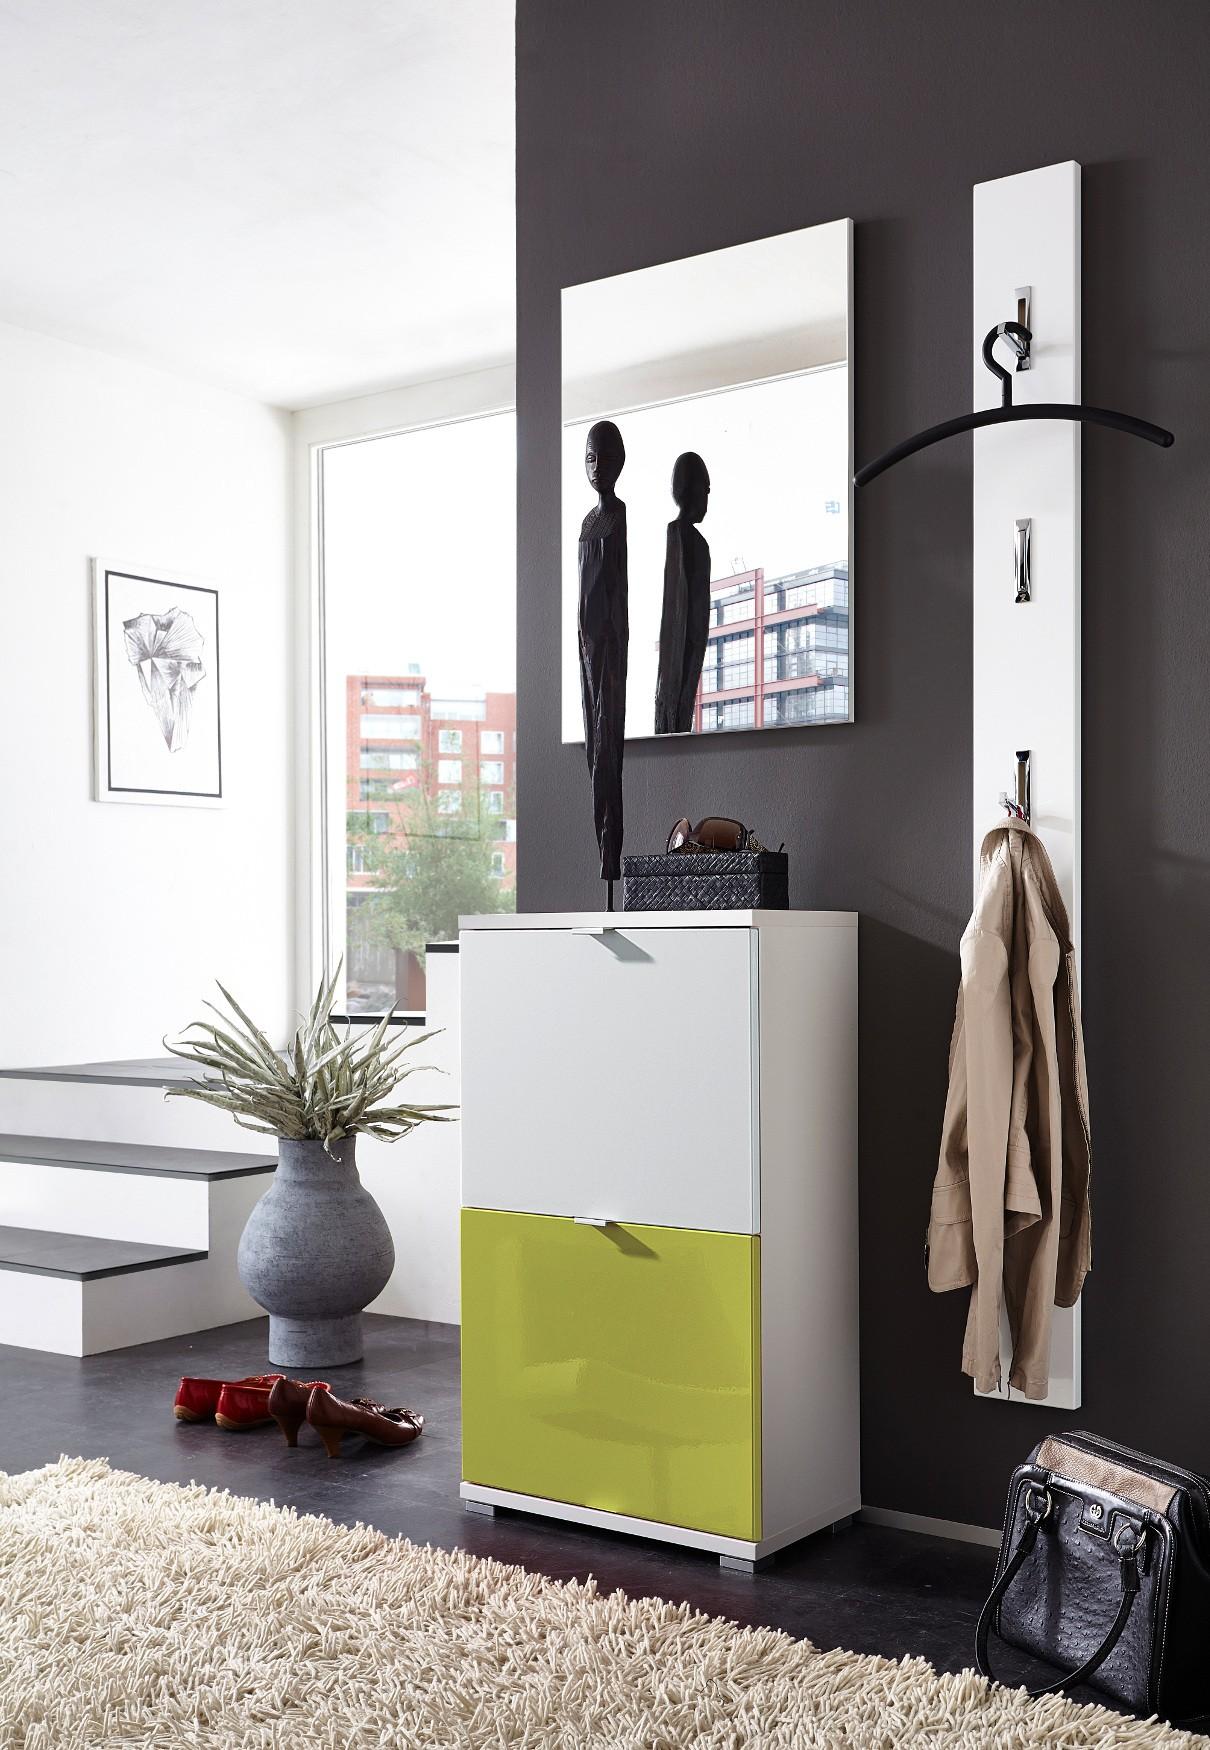 garderobe potpourri dielenset mit schuhschrank paneel und. Black Bedroom Furniture Sets. Home Design Ideas